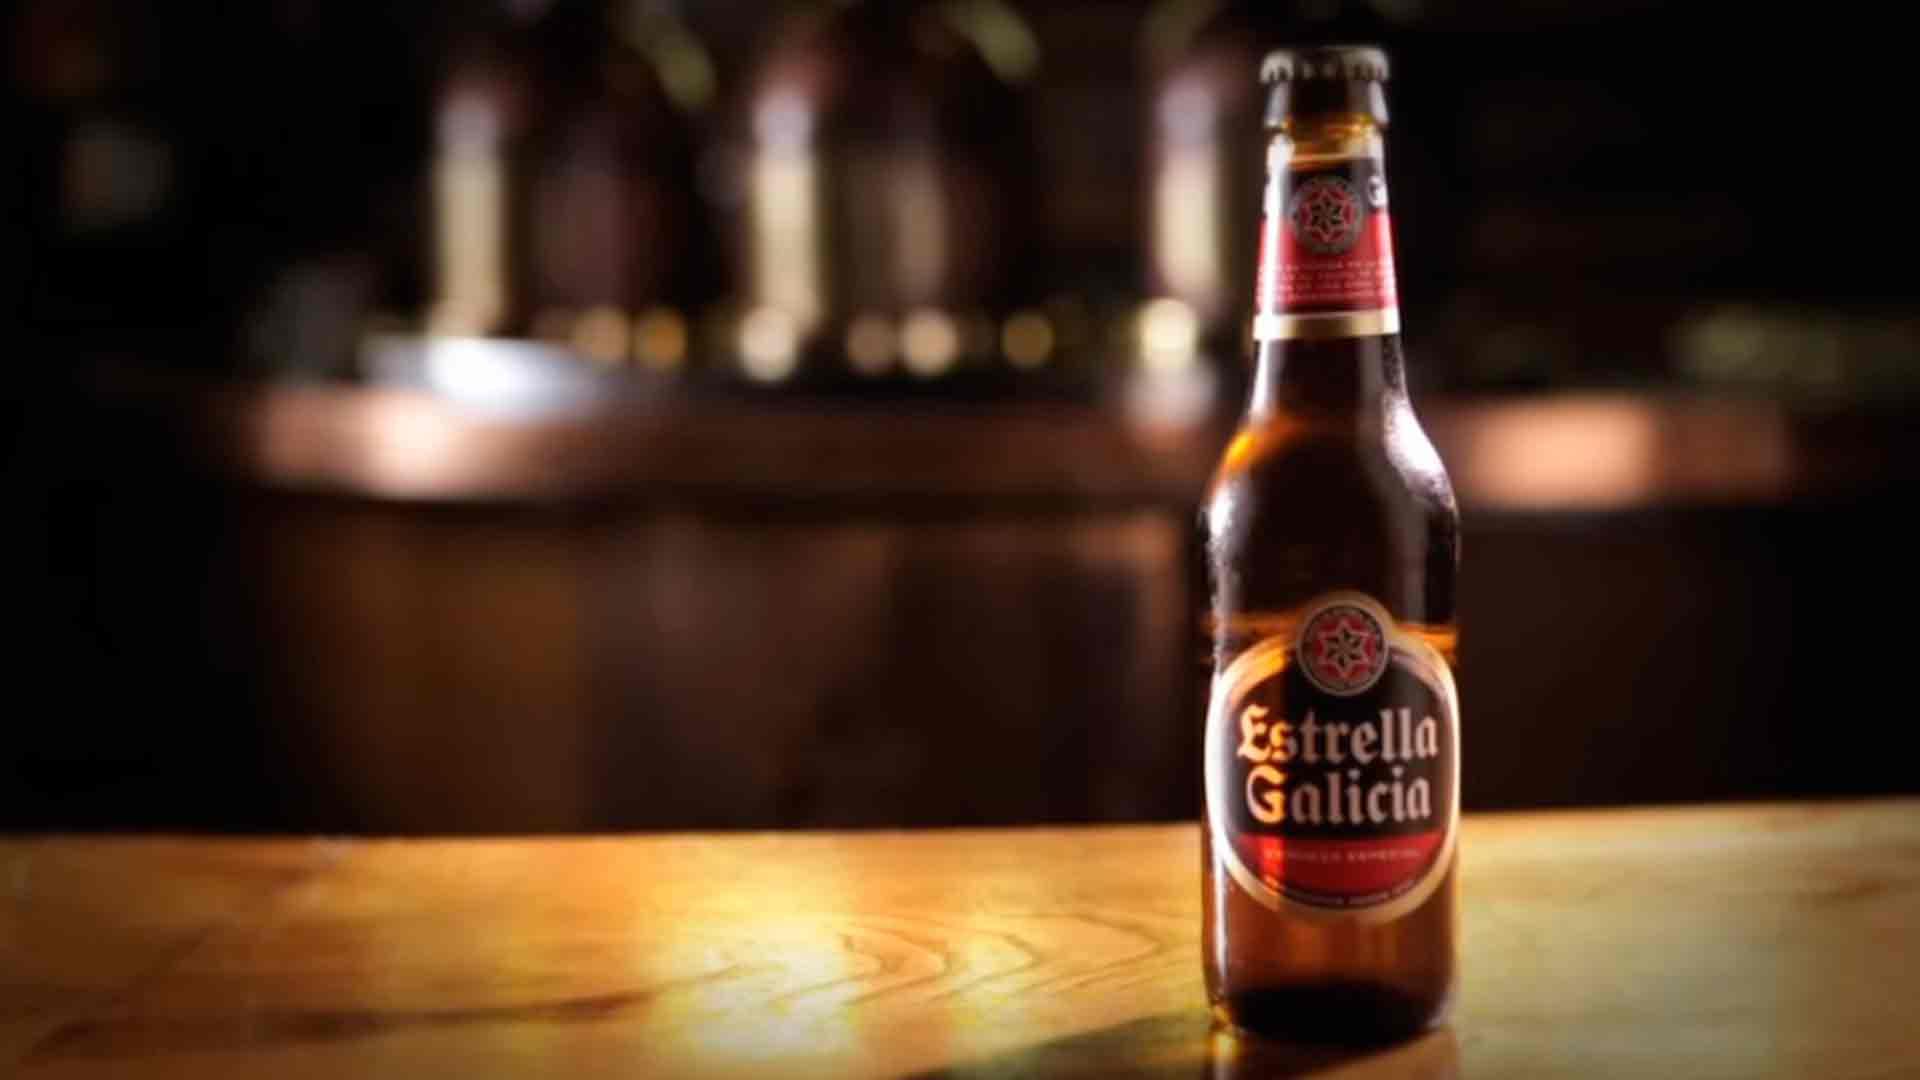 5 claves para servir una cerveza de botella 1920